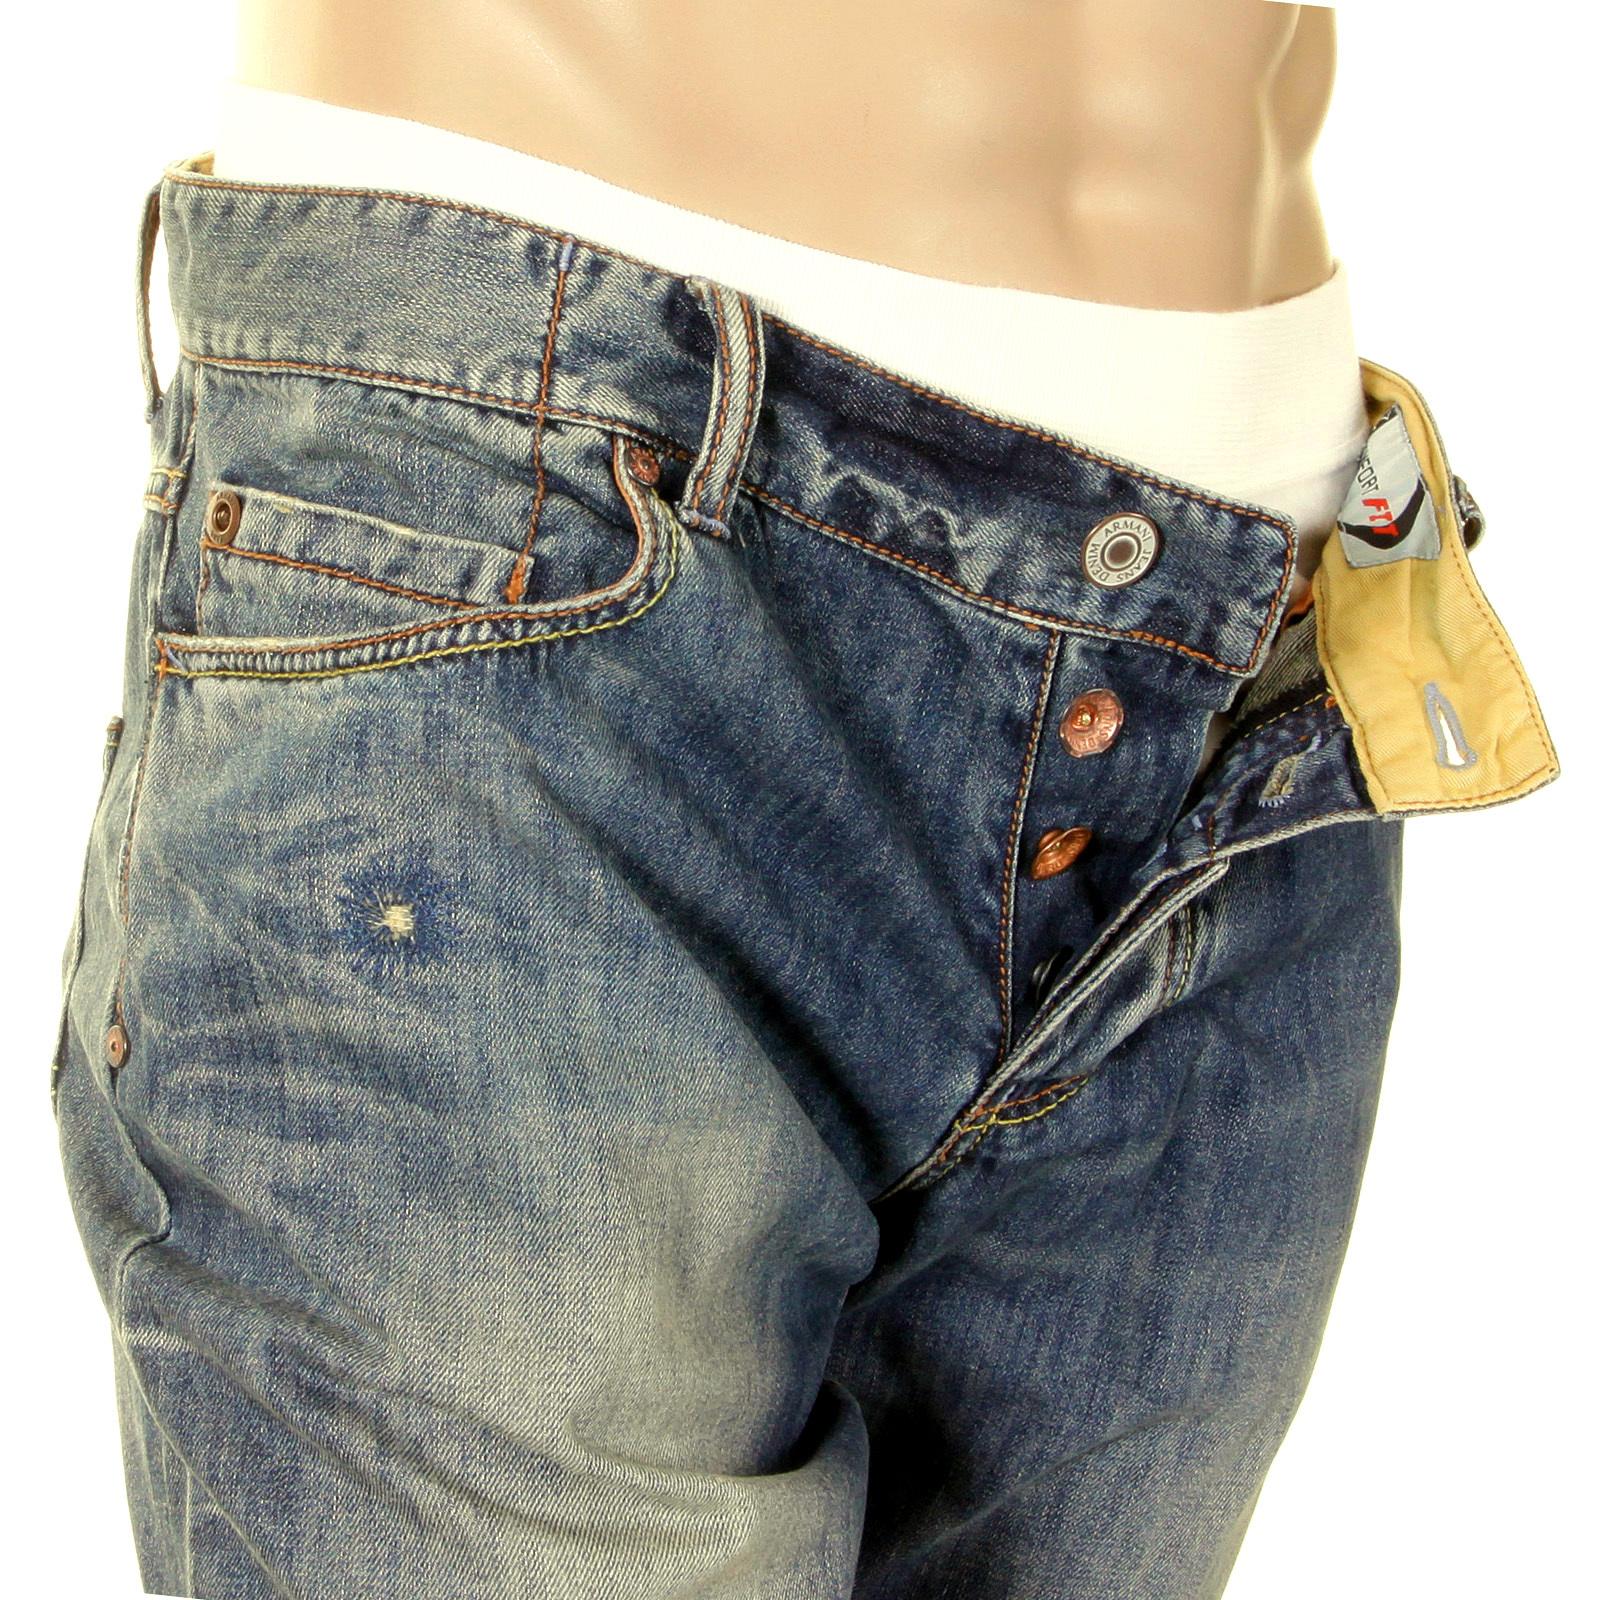 2q Ajm2184 Special Edition Armani J10 Denim Jeans Slim Extra M6j10 Jean jSVLUMqzGp